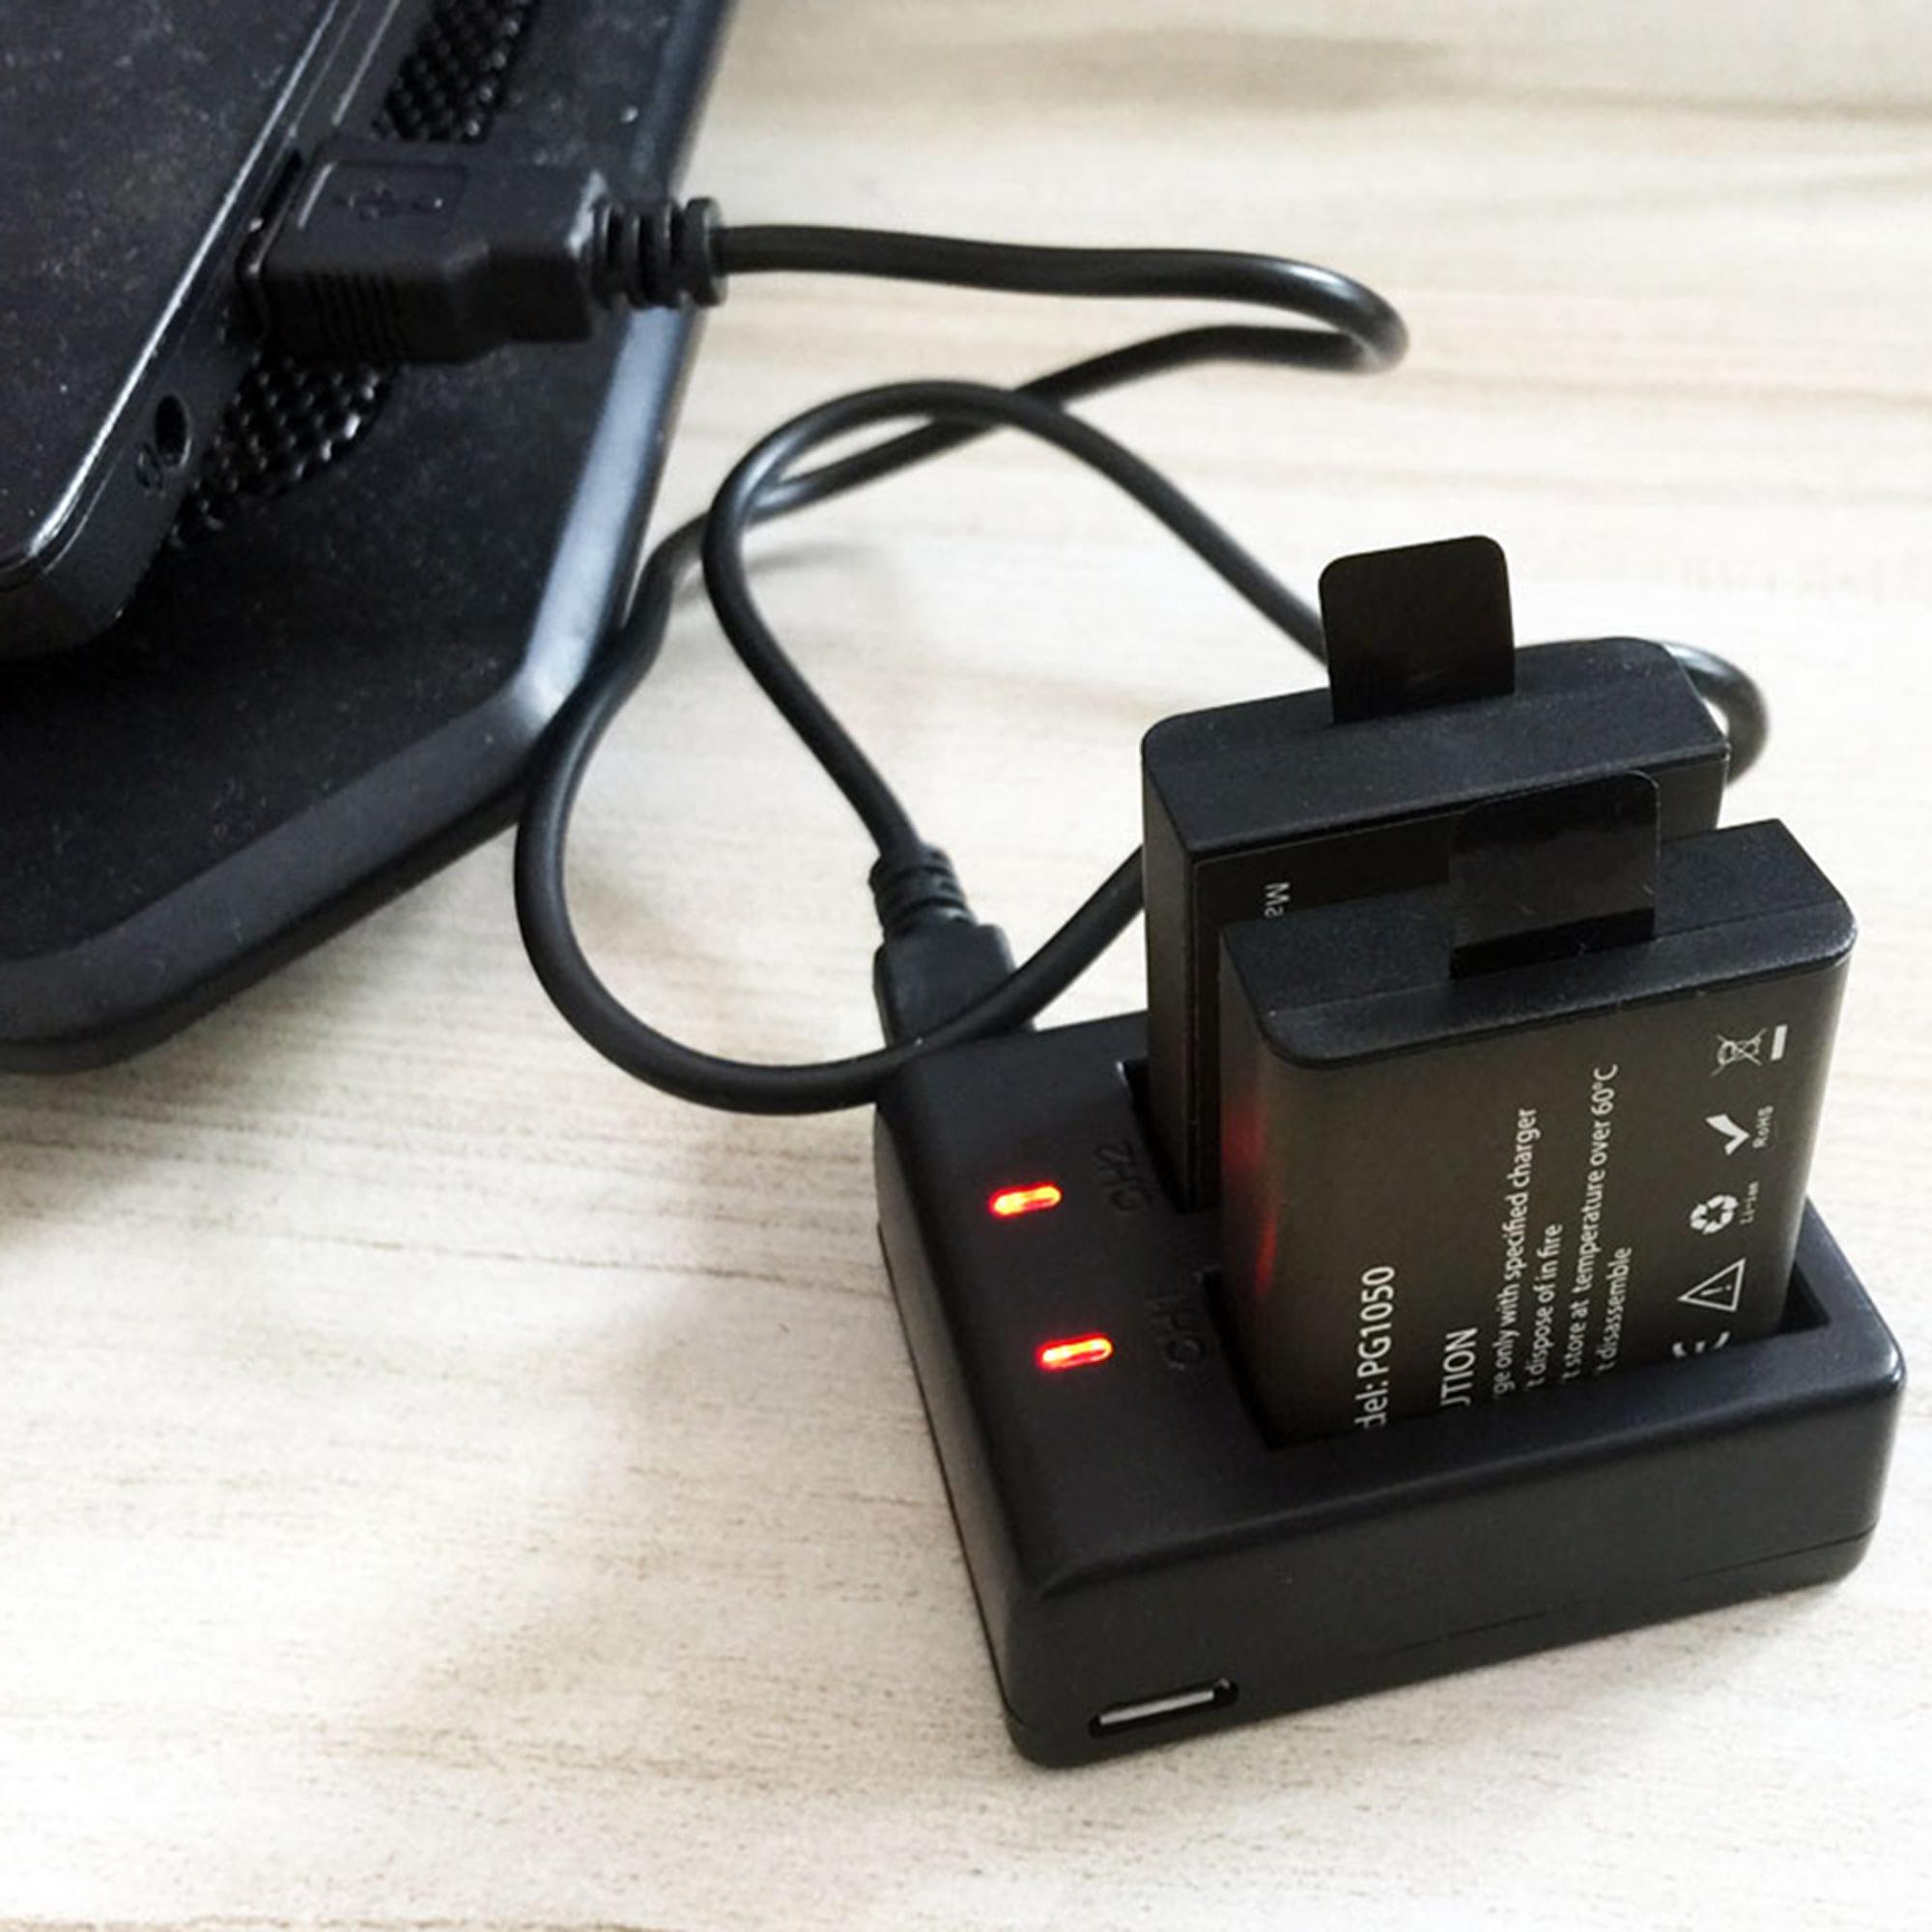 Cámara de batería cargador Micro USB para Eken h8 h8r h9 h8 pro h9r